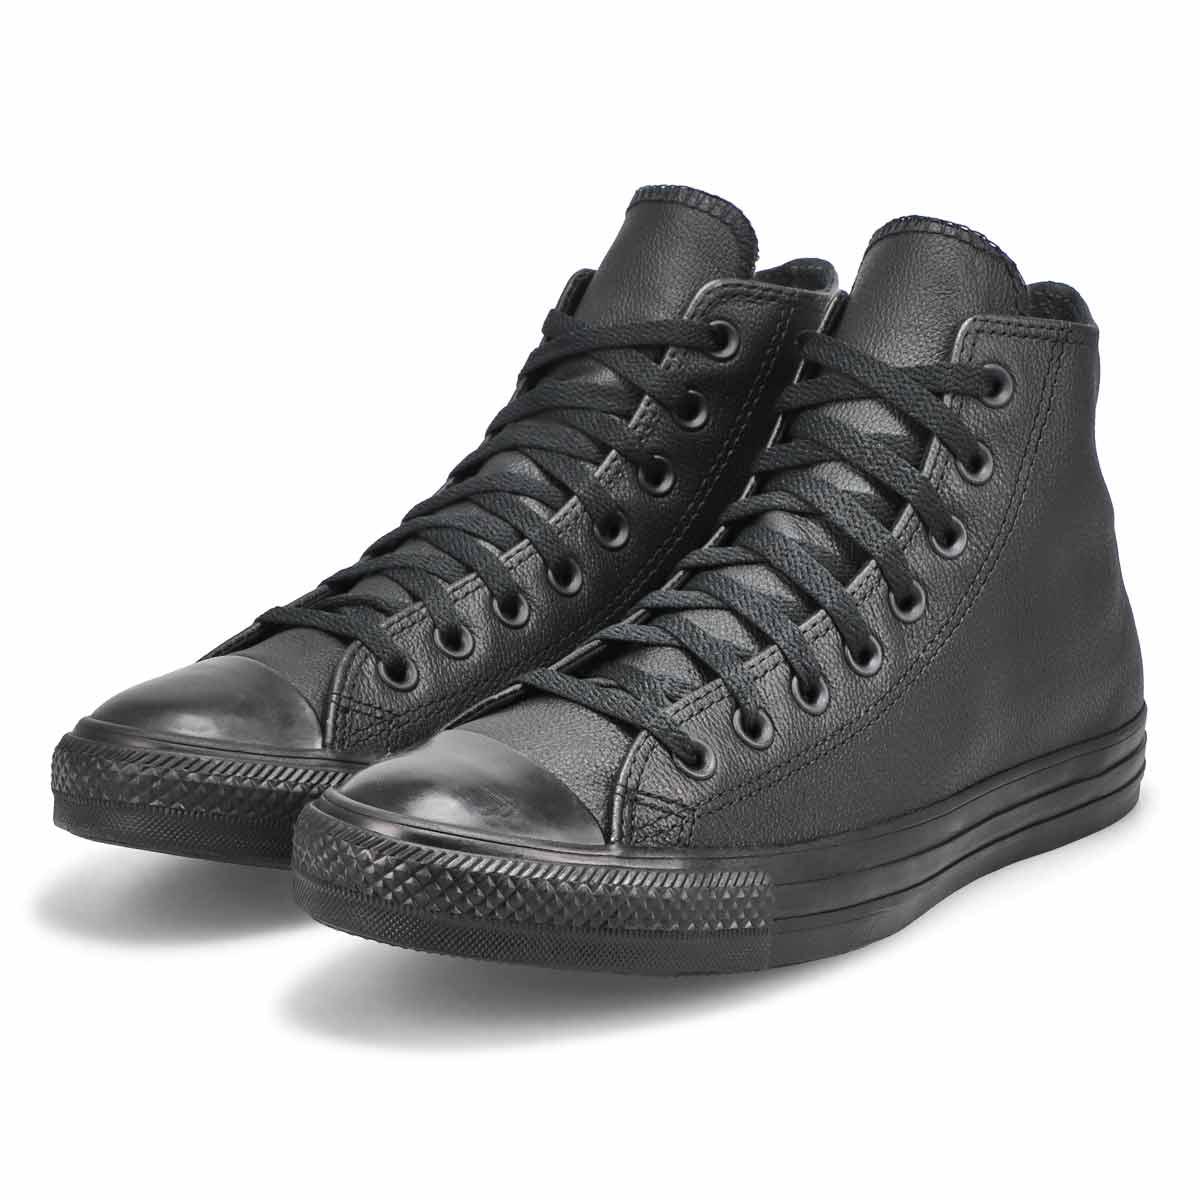 Mns CTAS Leather Hi blk mono snkr